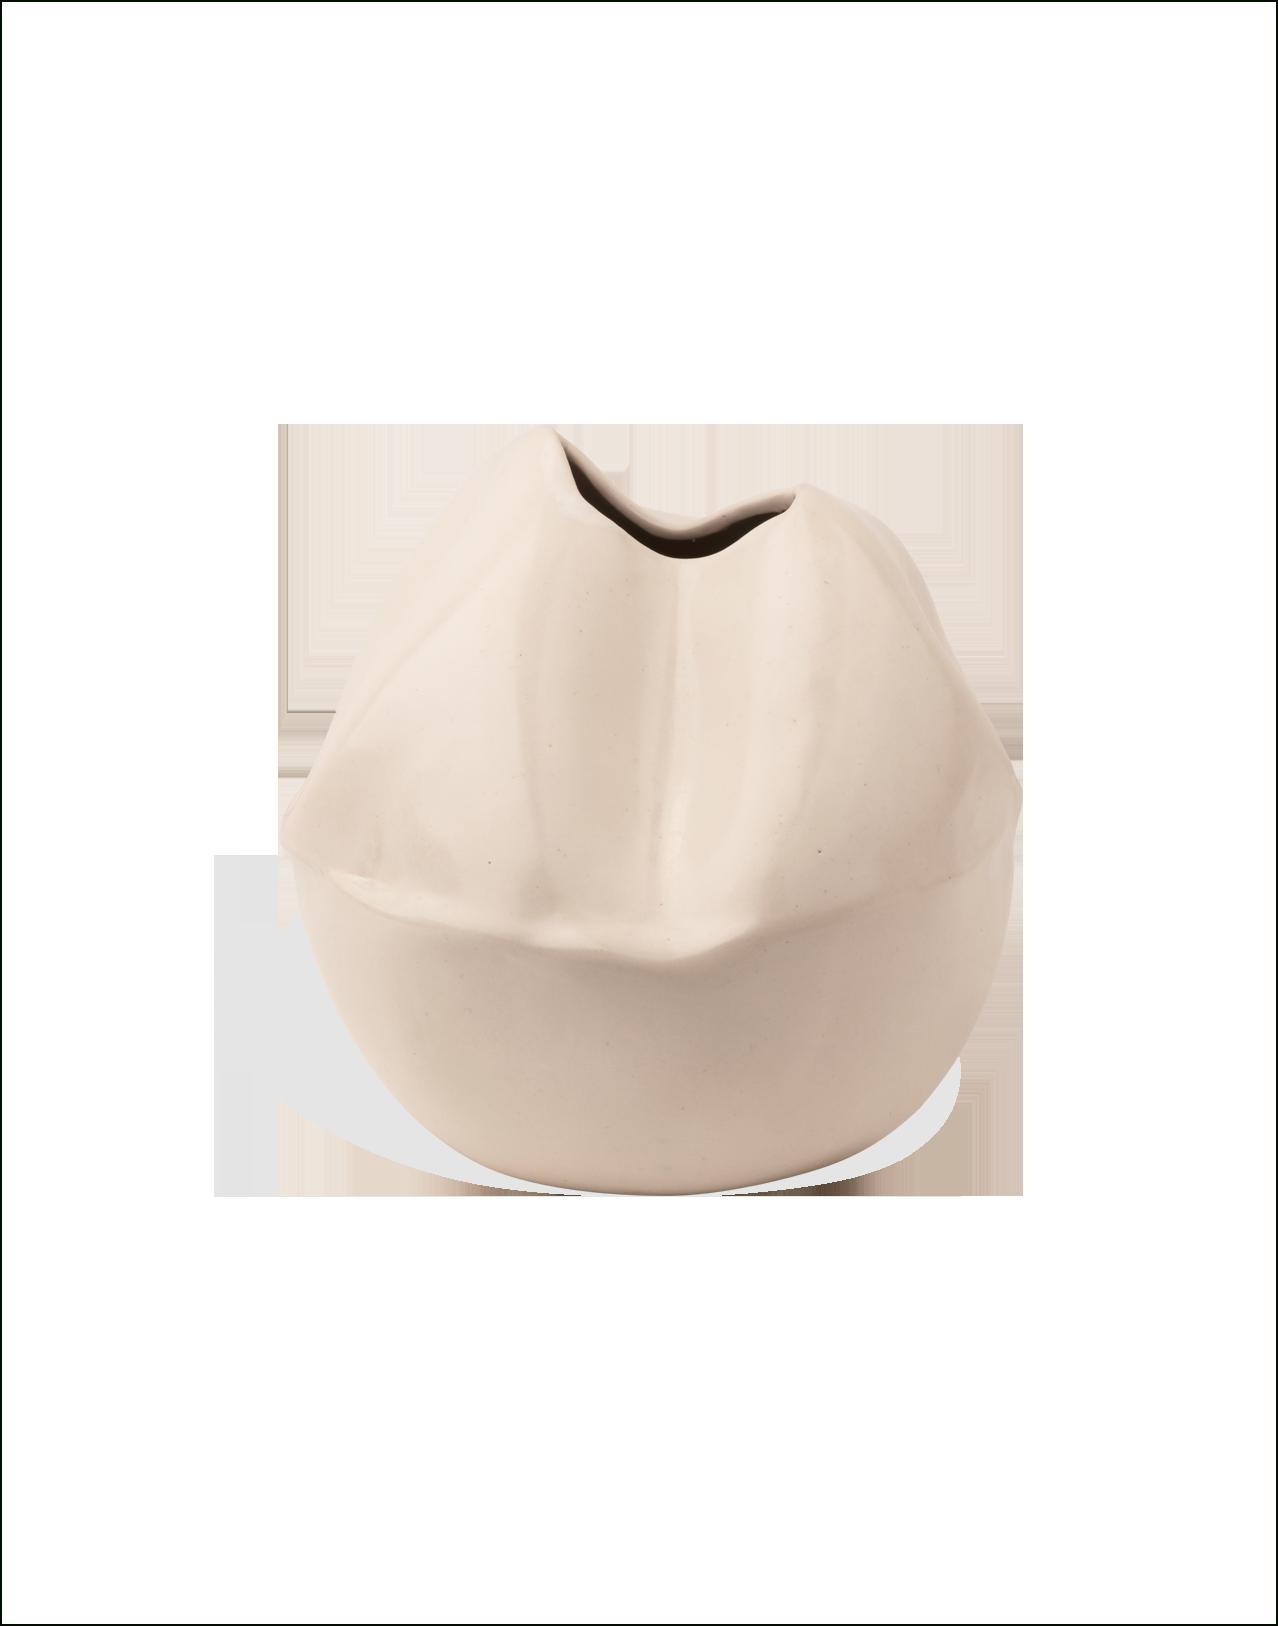 Completedworks-Ceramics-Object-24-4-1.png